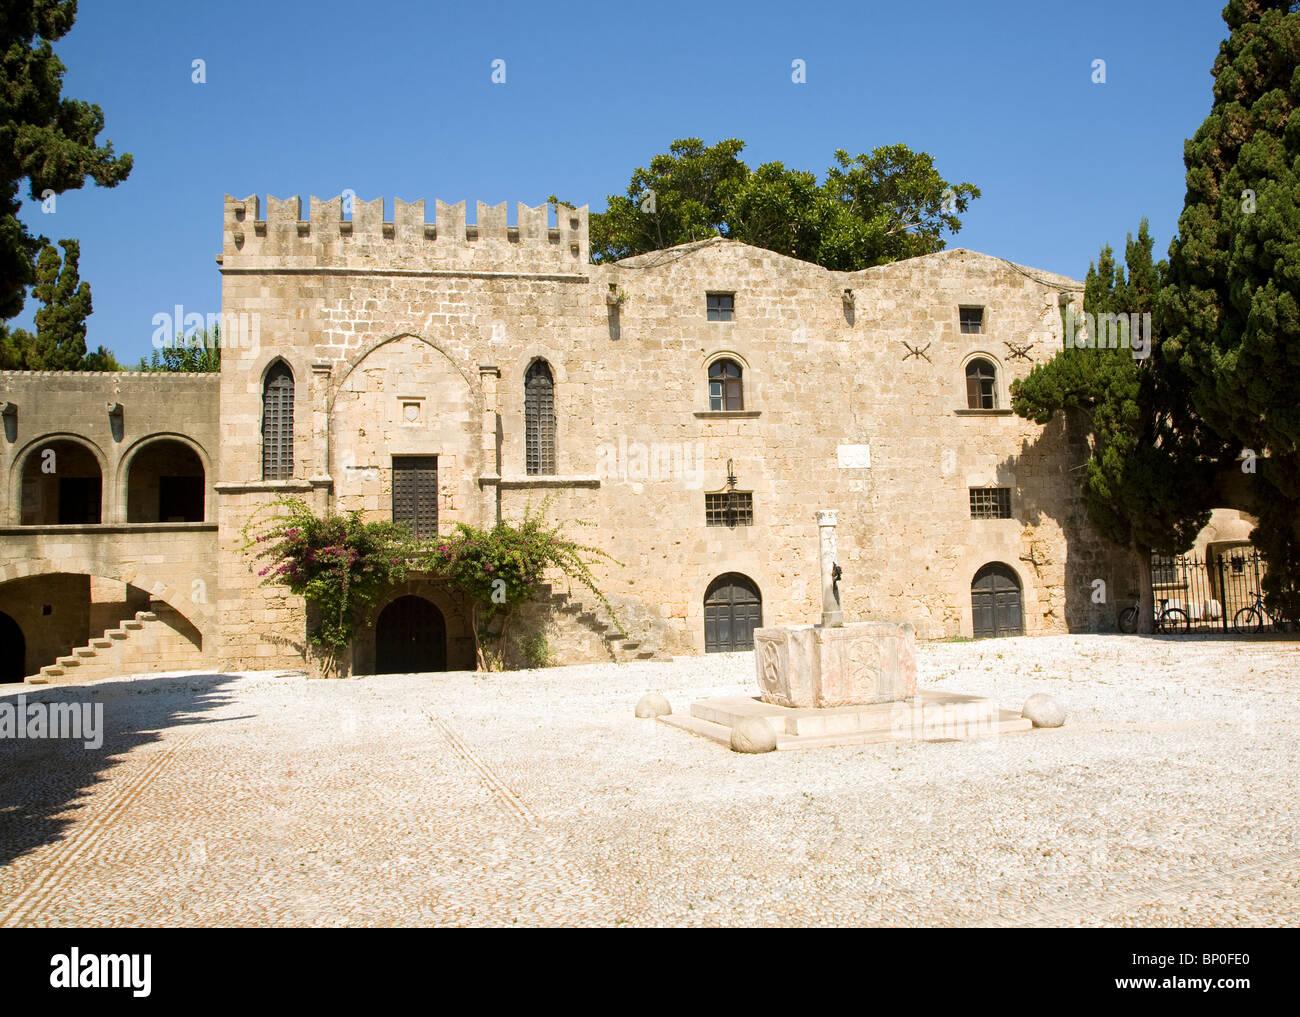 Museo delle Arti Decorative, Rodi città vecchia, Grecia Immagini Stock